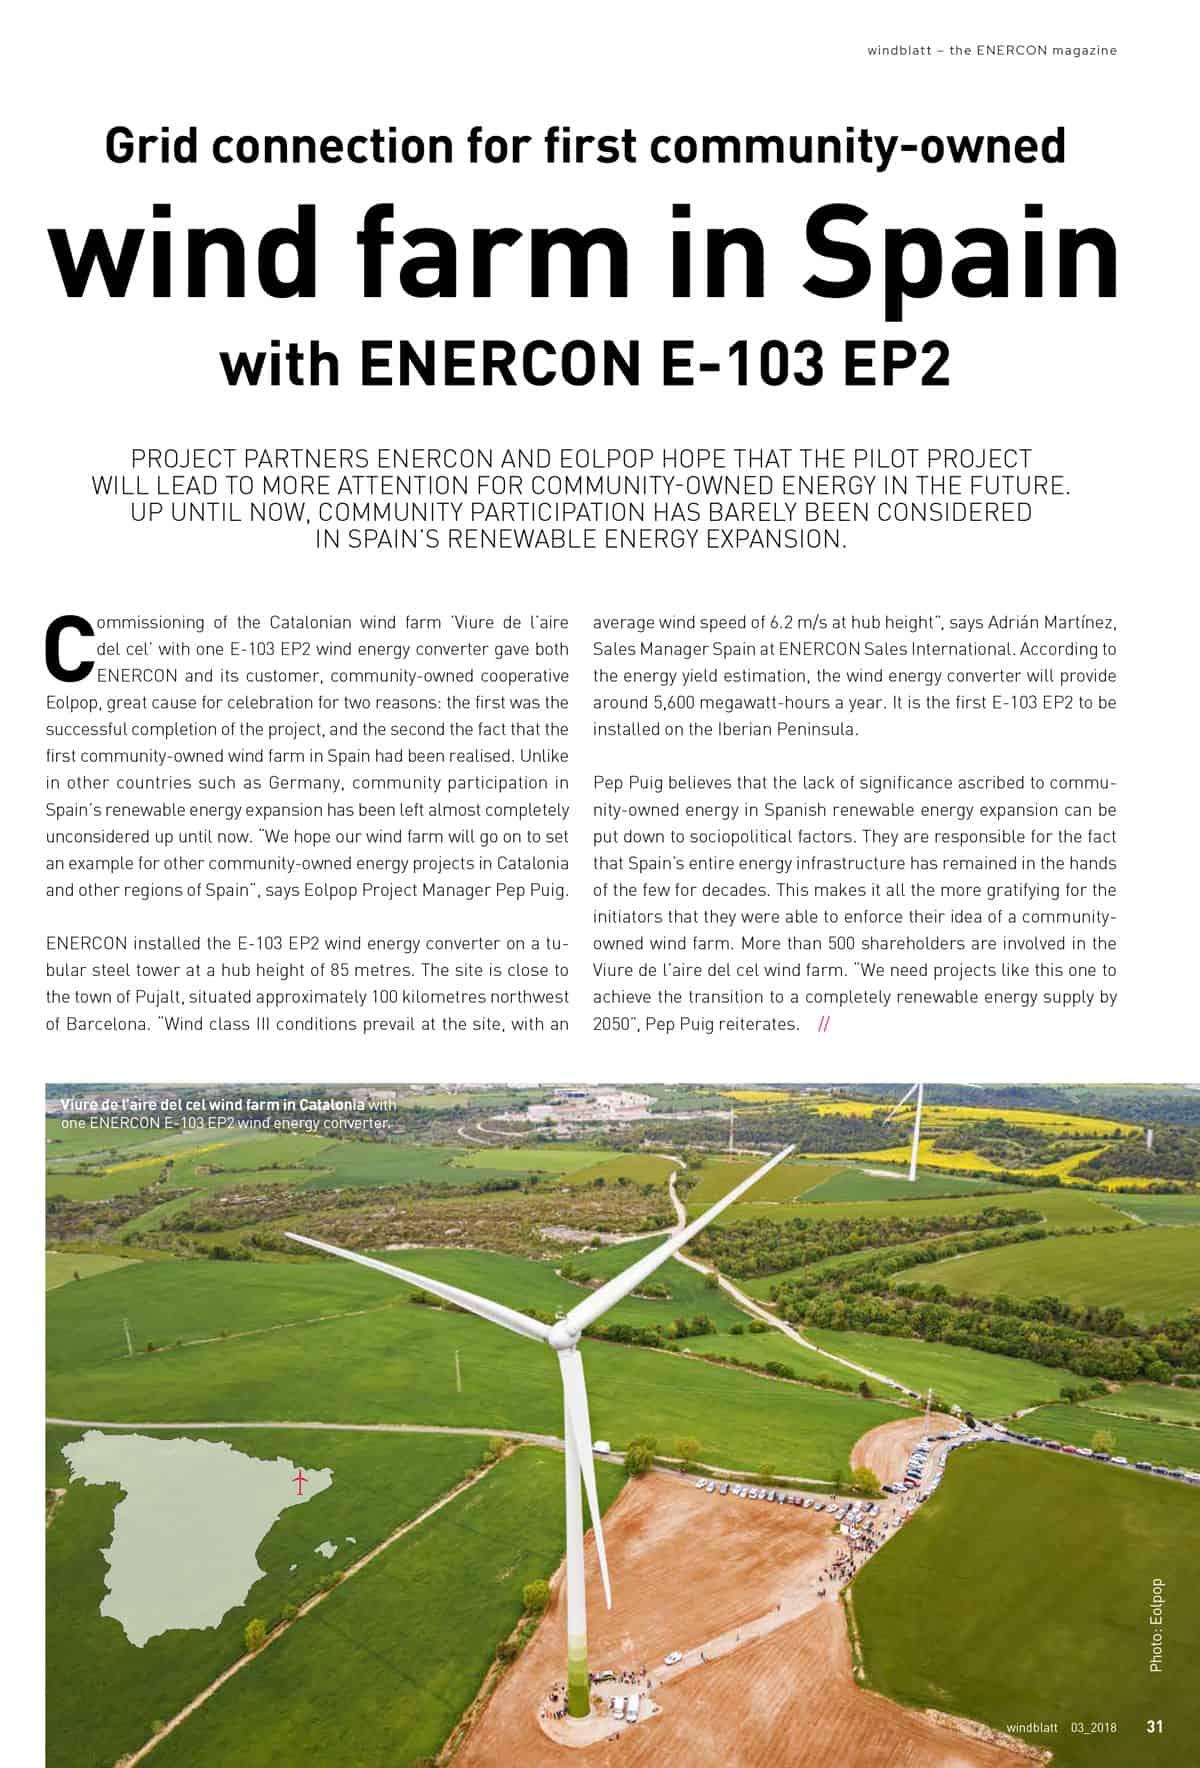 180301 - Windblatt - Enercon magazine - Viure-de-l'aire-del-cel-wind-farm-in-Catalonia-withone-ENERCON-E-103-EP2-wind-energy-converter